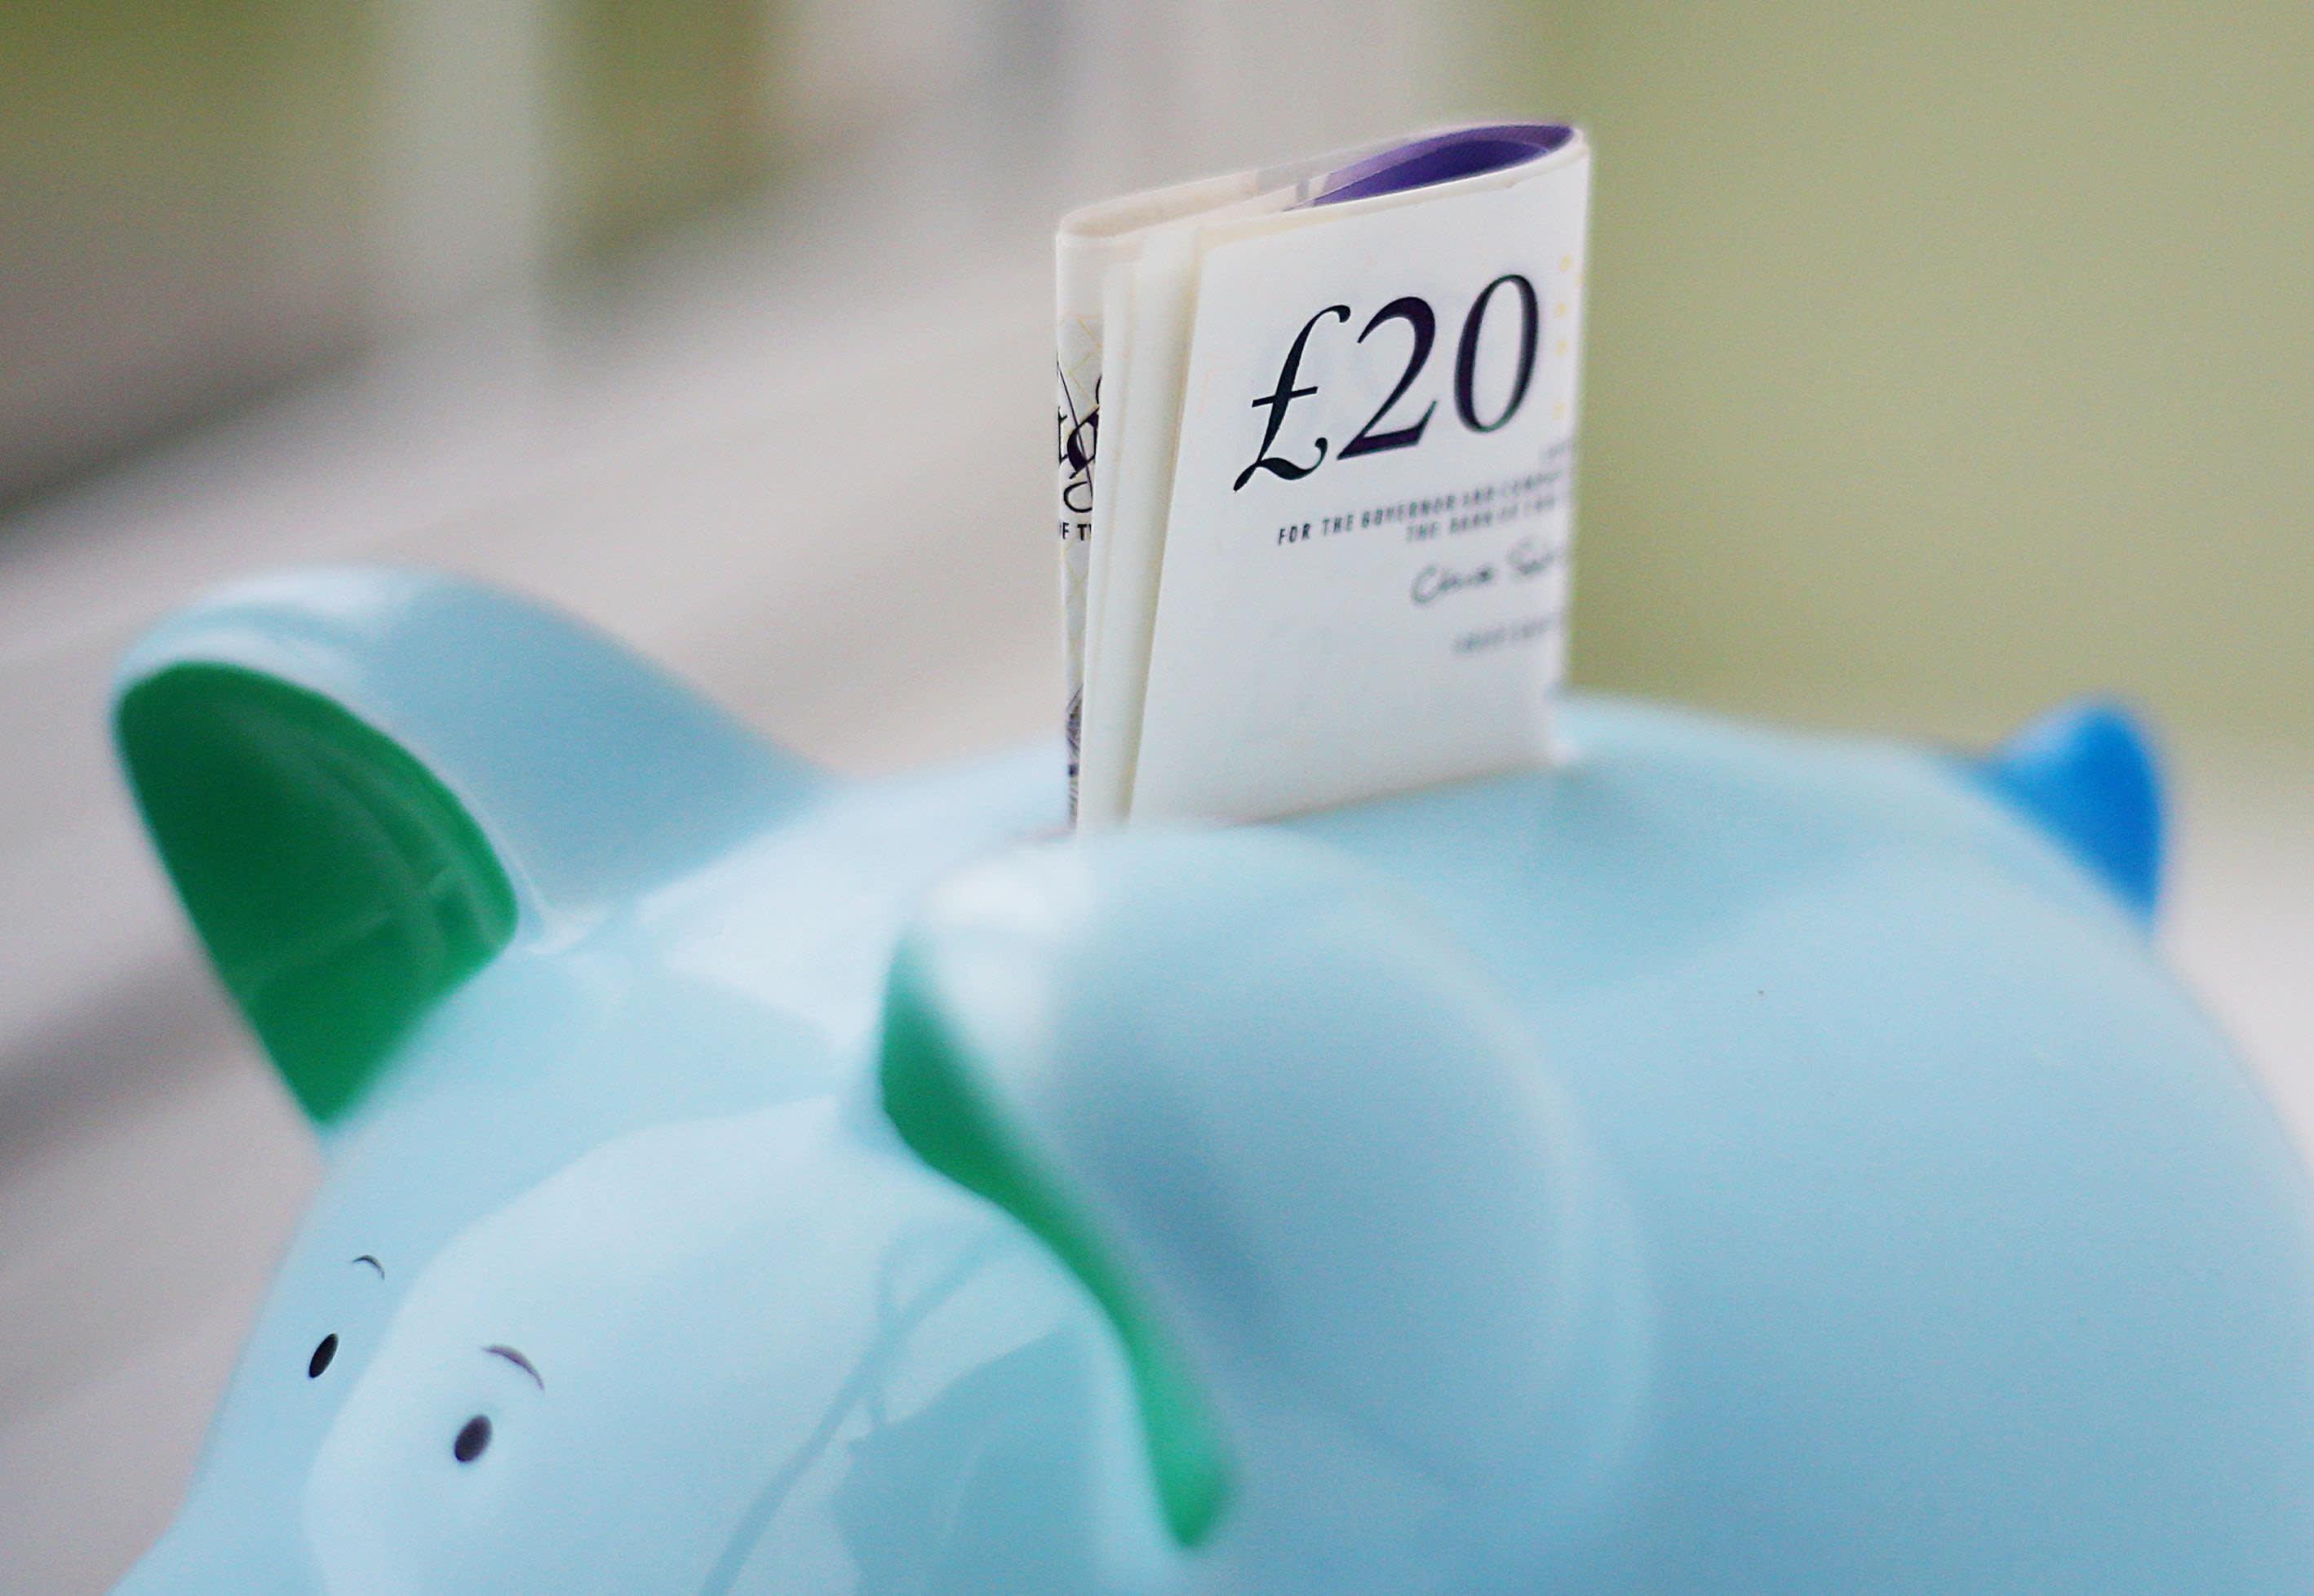 Top civil servants given 'lavish' £1m pensions